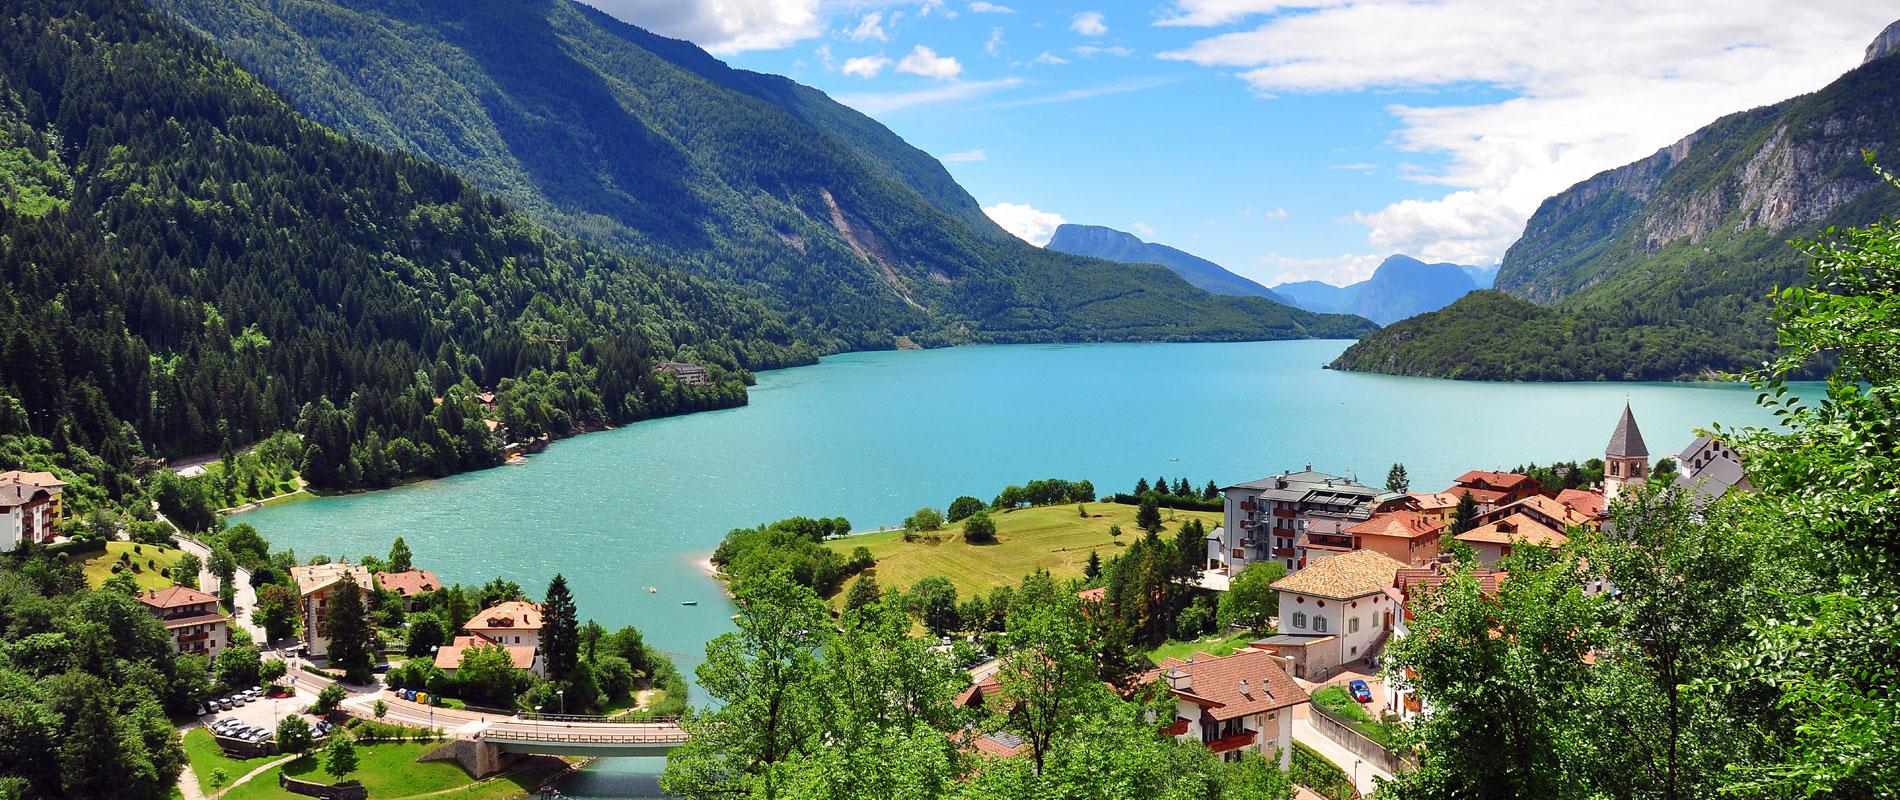 Trentino alto adige radio italia anni 60 for Arredamento trentino alto adige